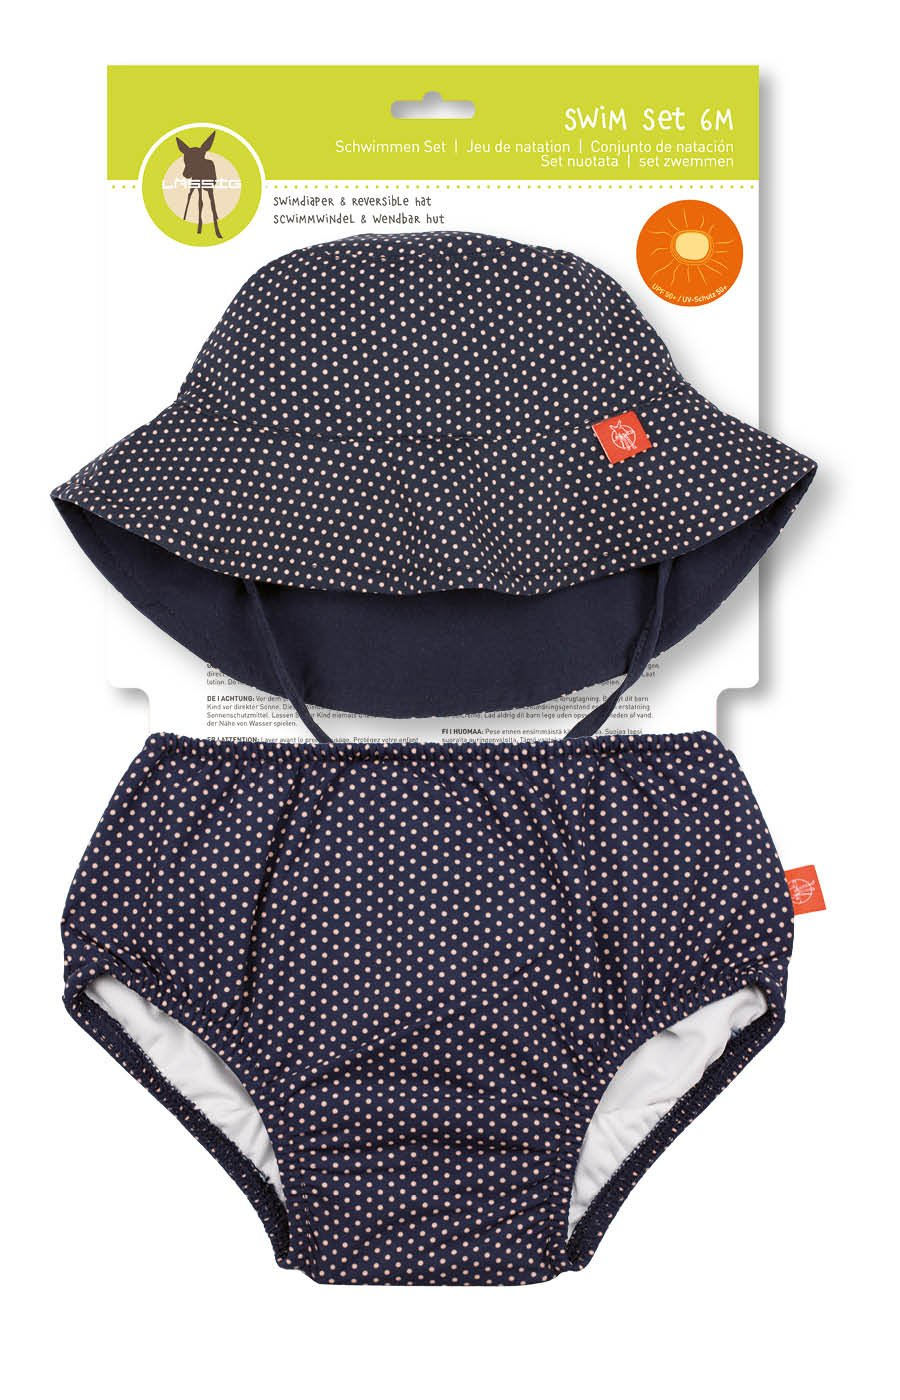 Lässig 1431010212 - Juego de gorra y pañales para bebé naranja Sun Talla:6 meses Laessig GmbH 1431011803/6M